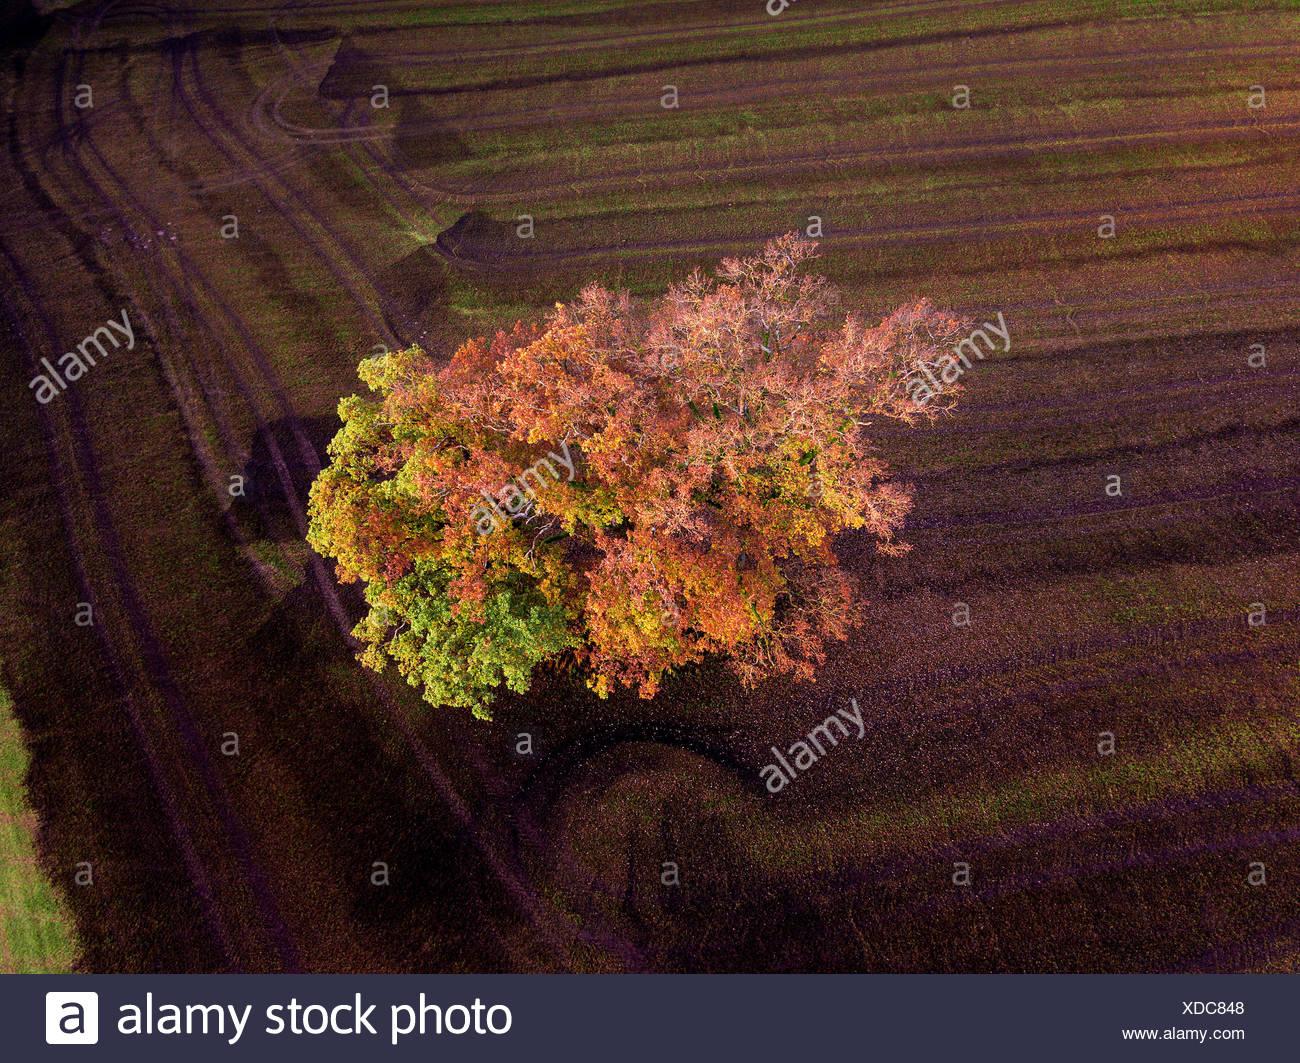 Bunte Felder im Herbst; Landsberieder, farbenfrohe Buche, einzelner Baum auf dem Feld, gedüngtes Feld, Odel, Gülle; Fürstenfeldbruck; Bayern; Deutschl Immagini Stock